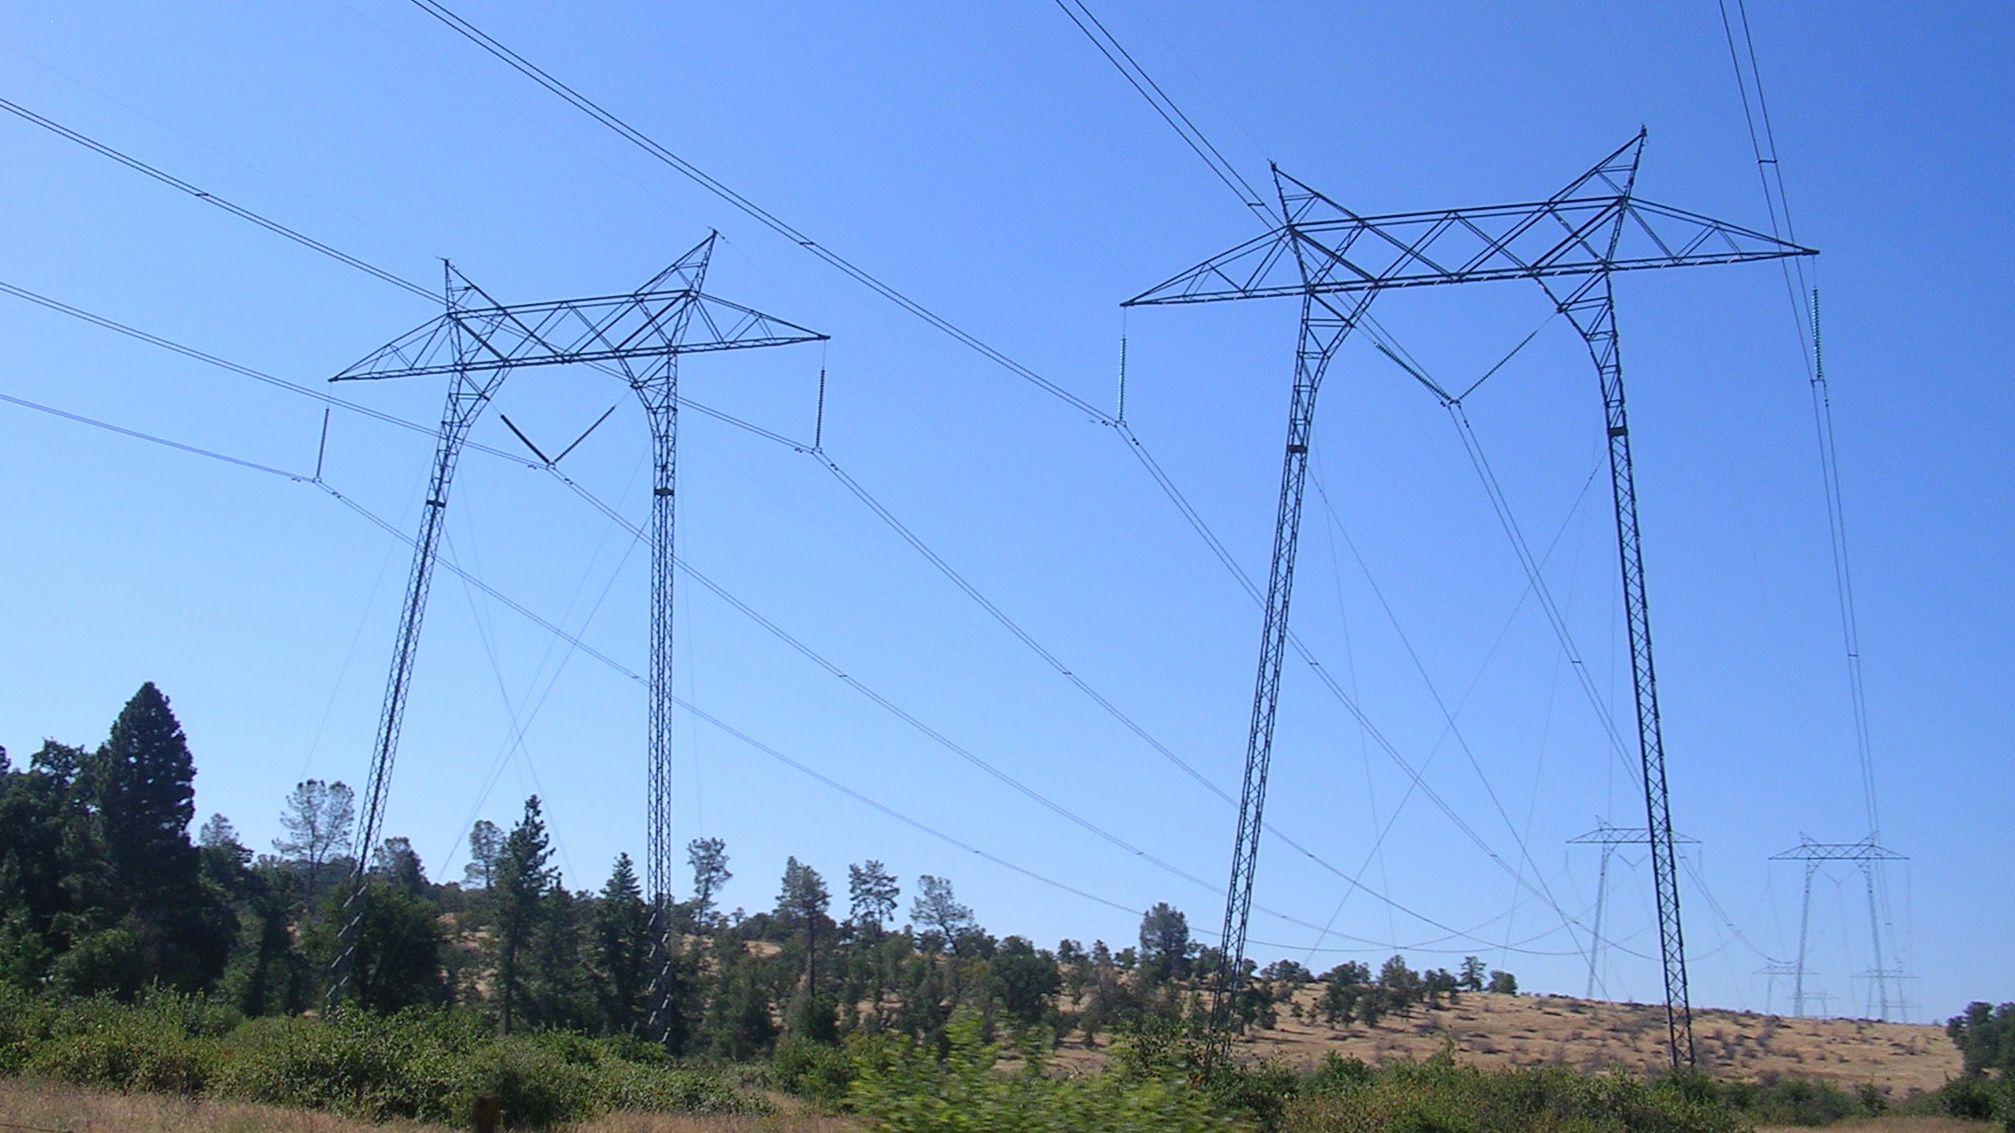 Im Norden vom Kalifornien sollen in wenigen Stunden gut 800.000 Haushalte vom Stromnetz getrennt werden. Der Grund ist eine erhöhte Feuergefahr.